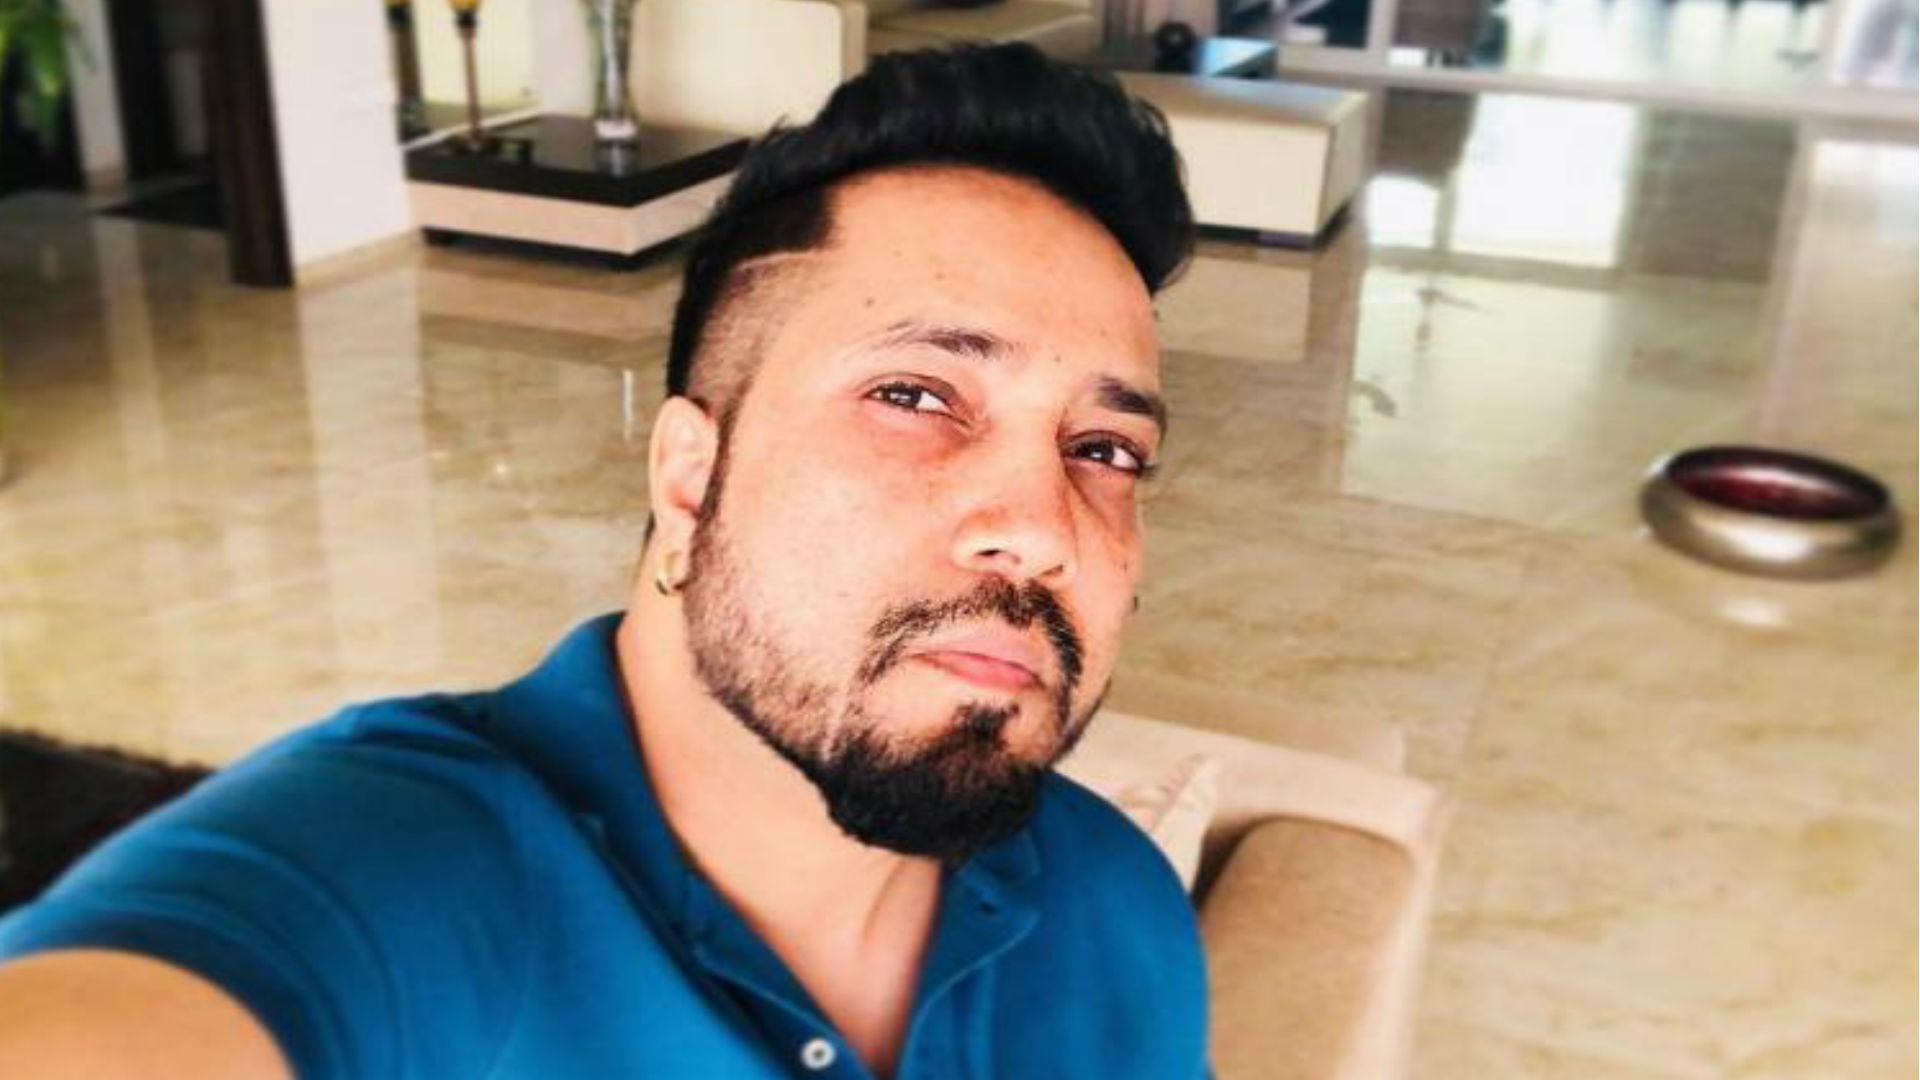 मीका सिंह ने देश से मांगी माफी, बैन हटने के बाद बोले- वीजा मिला था इसलिए गया था पाकिस्तान